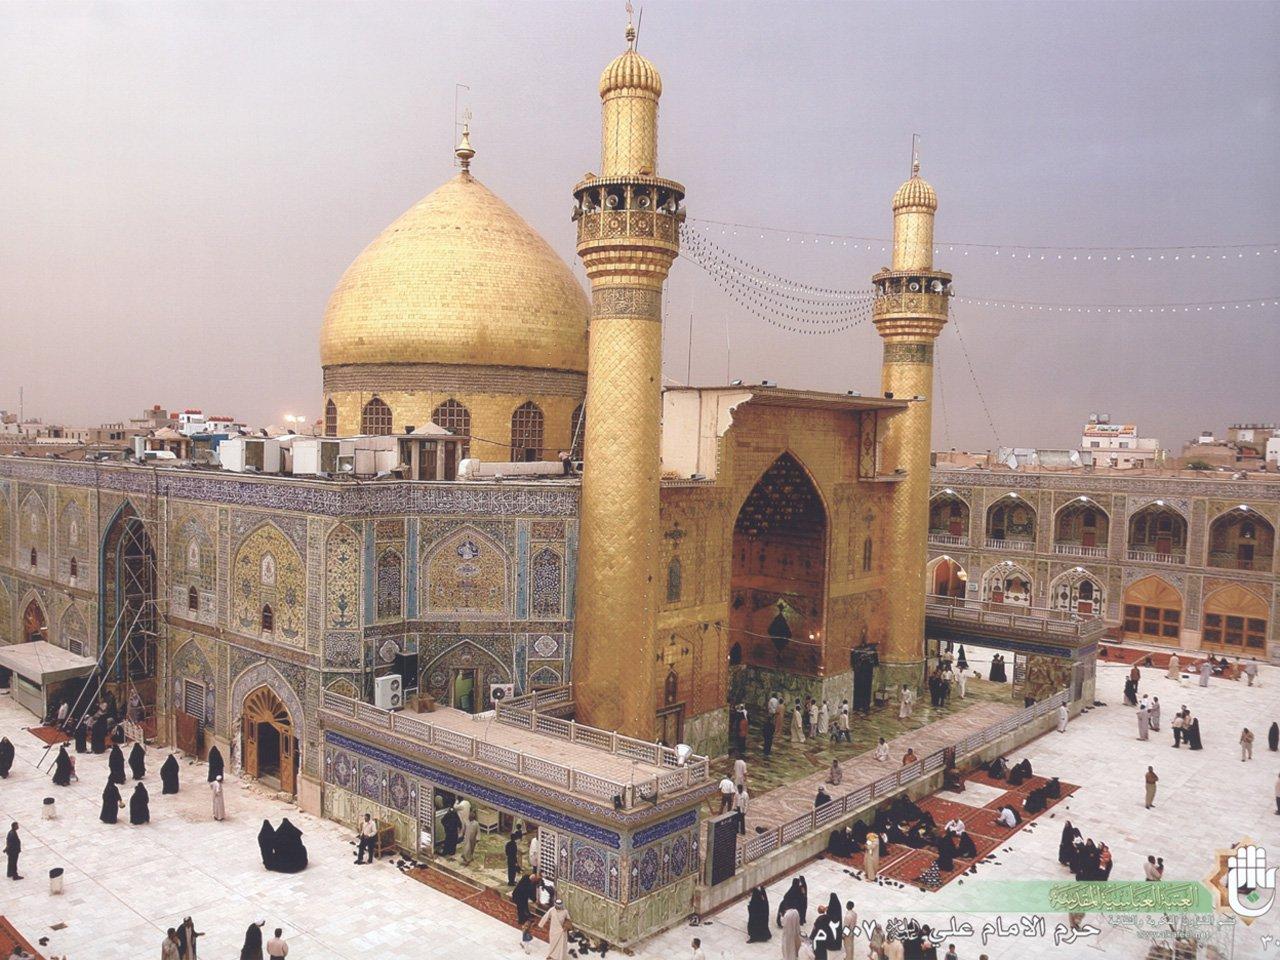 Maula Ali Shrine Wallpaper: Shrine Of Hazrat Imam Ali (a.s)